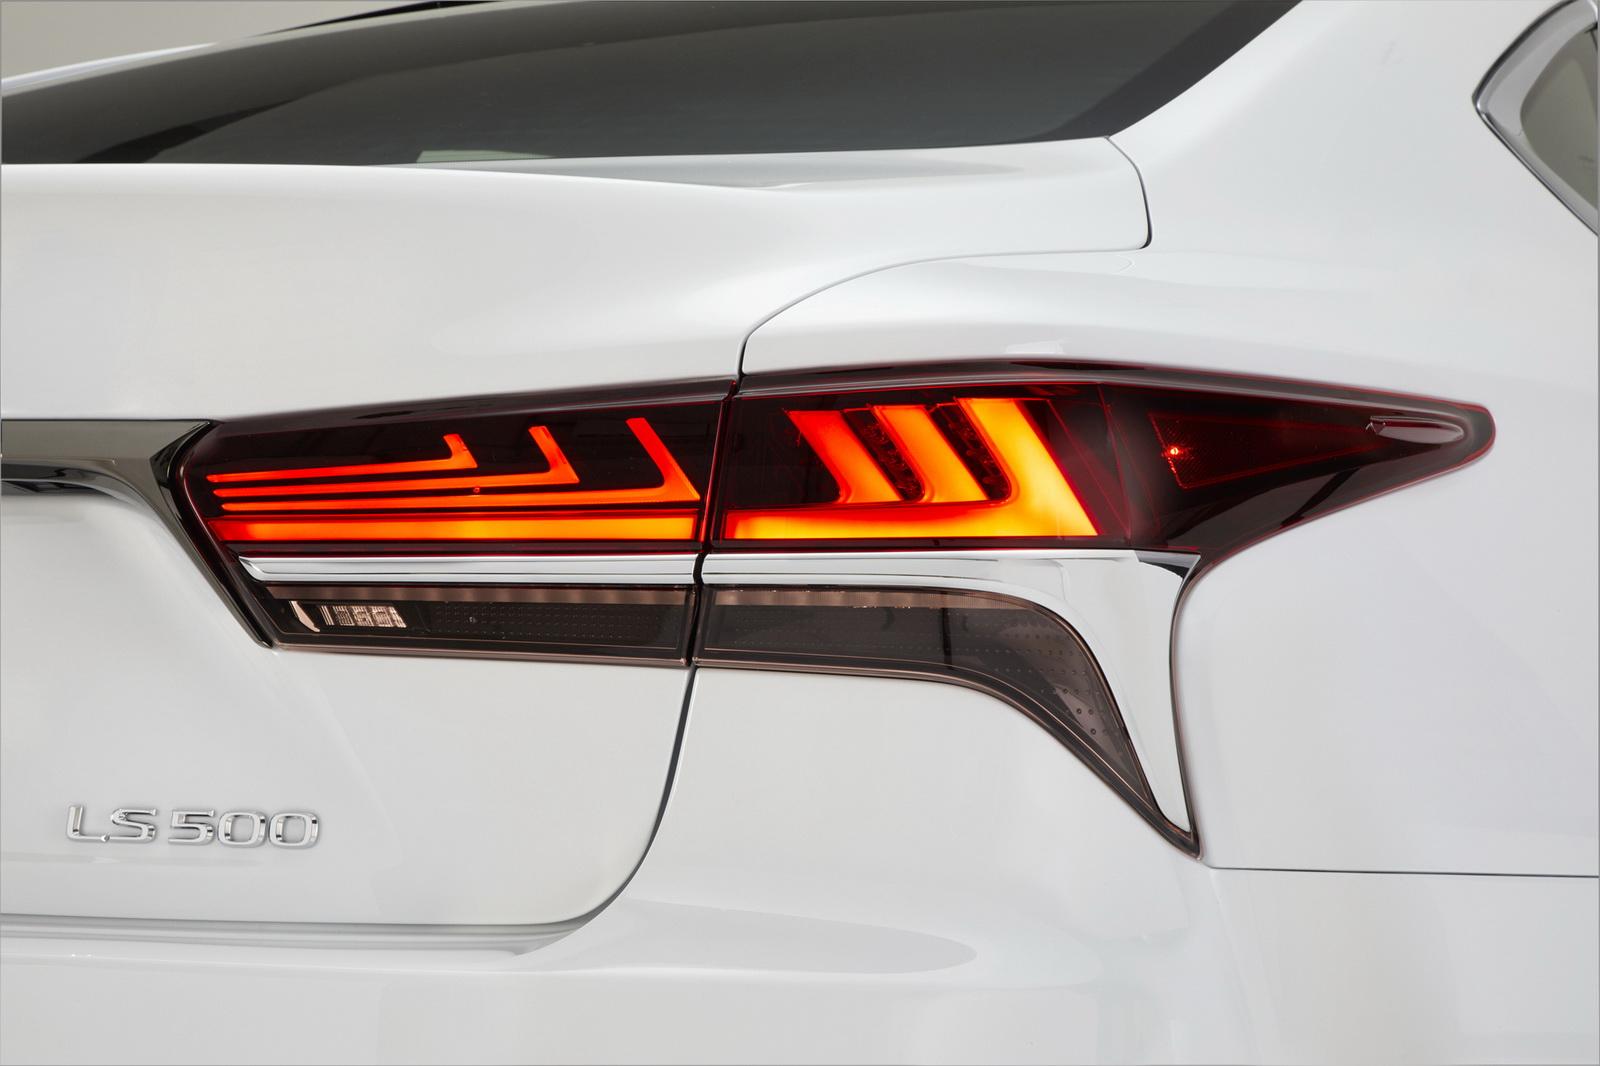 2018_Lexus_LS_500_F_Sport_19